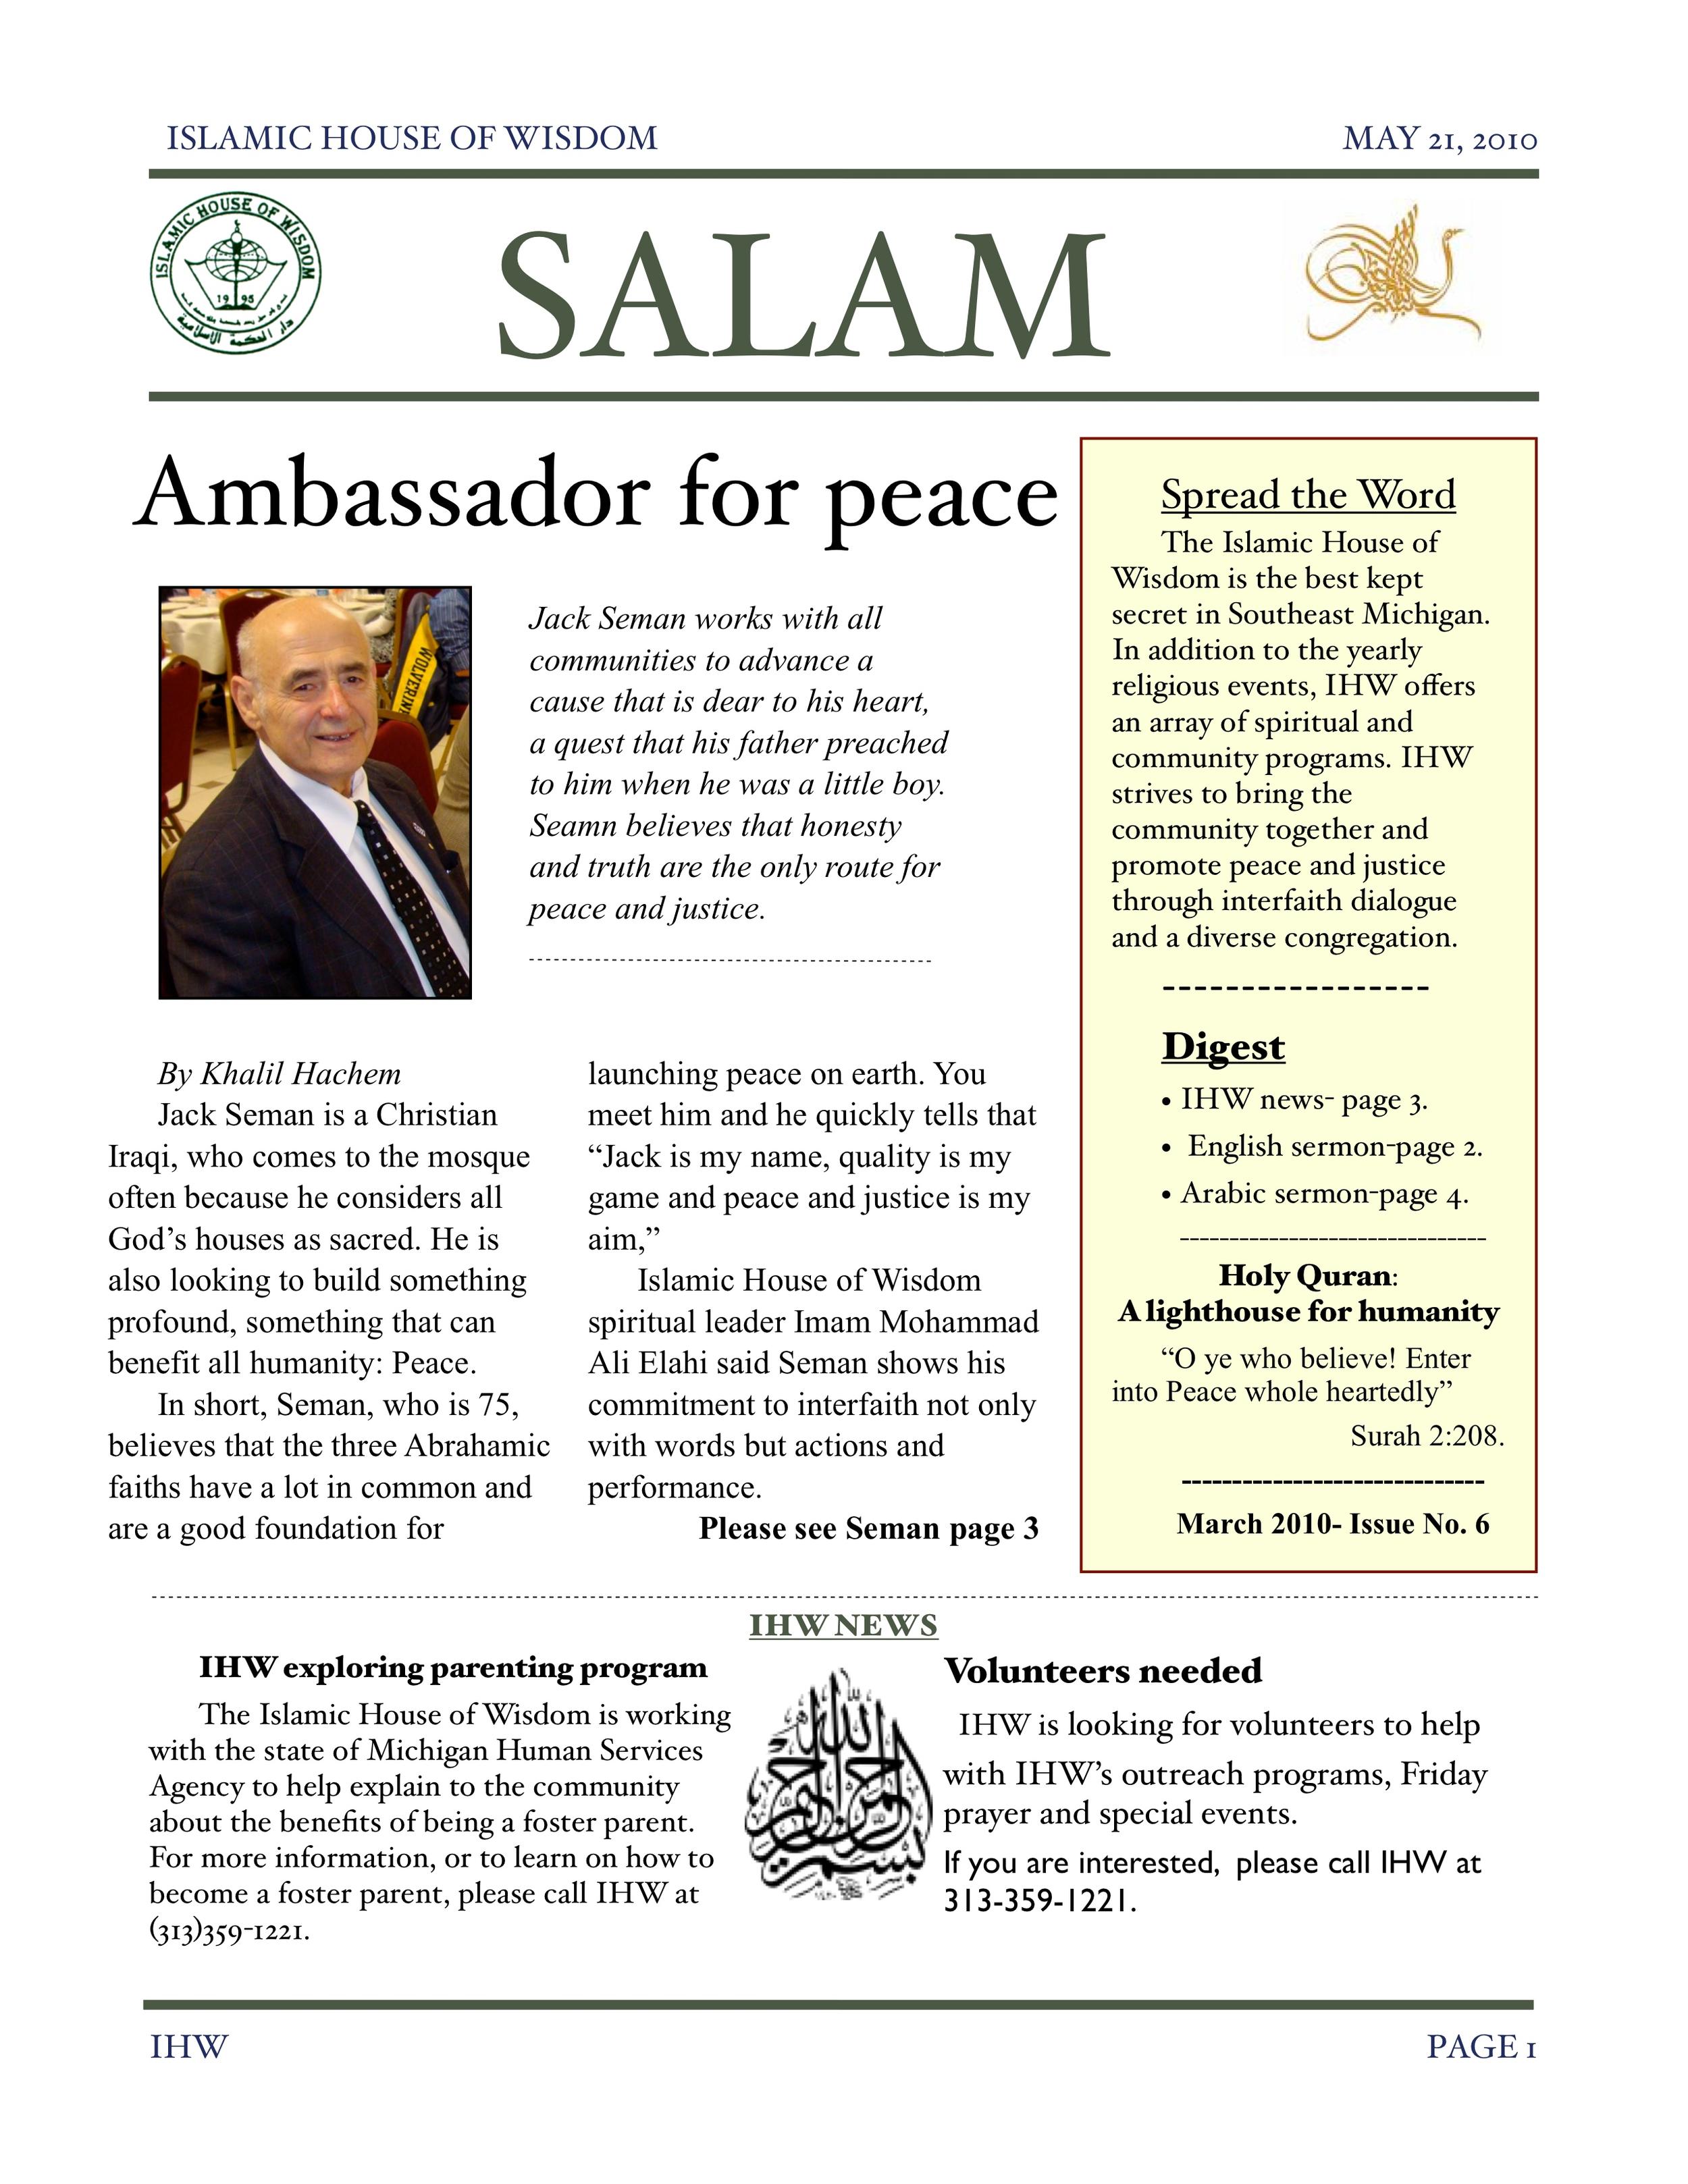 Newsletter May 21.jpg